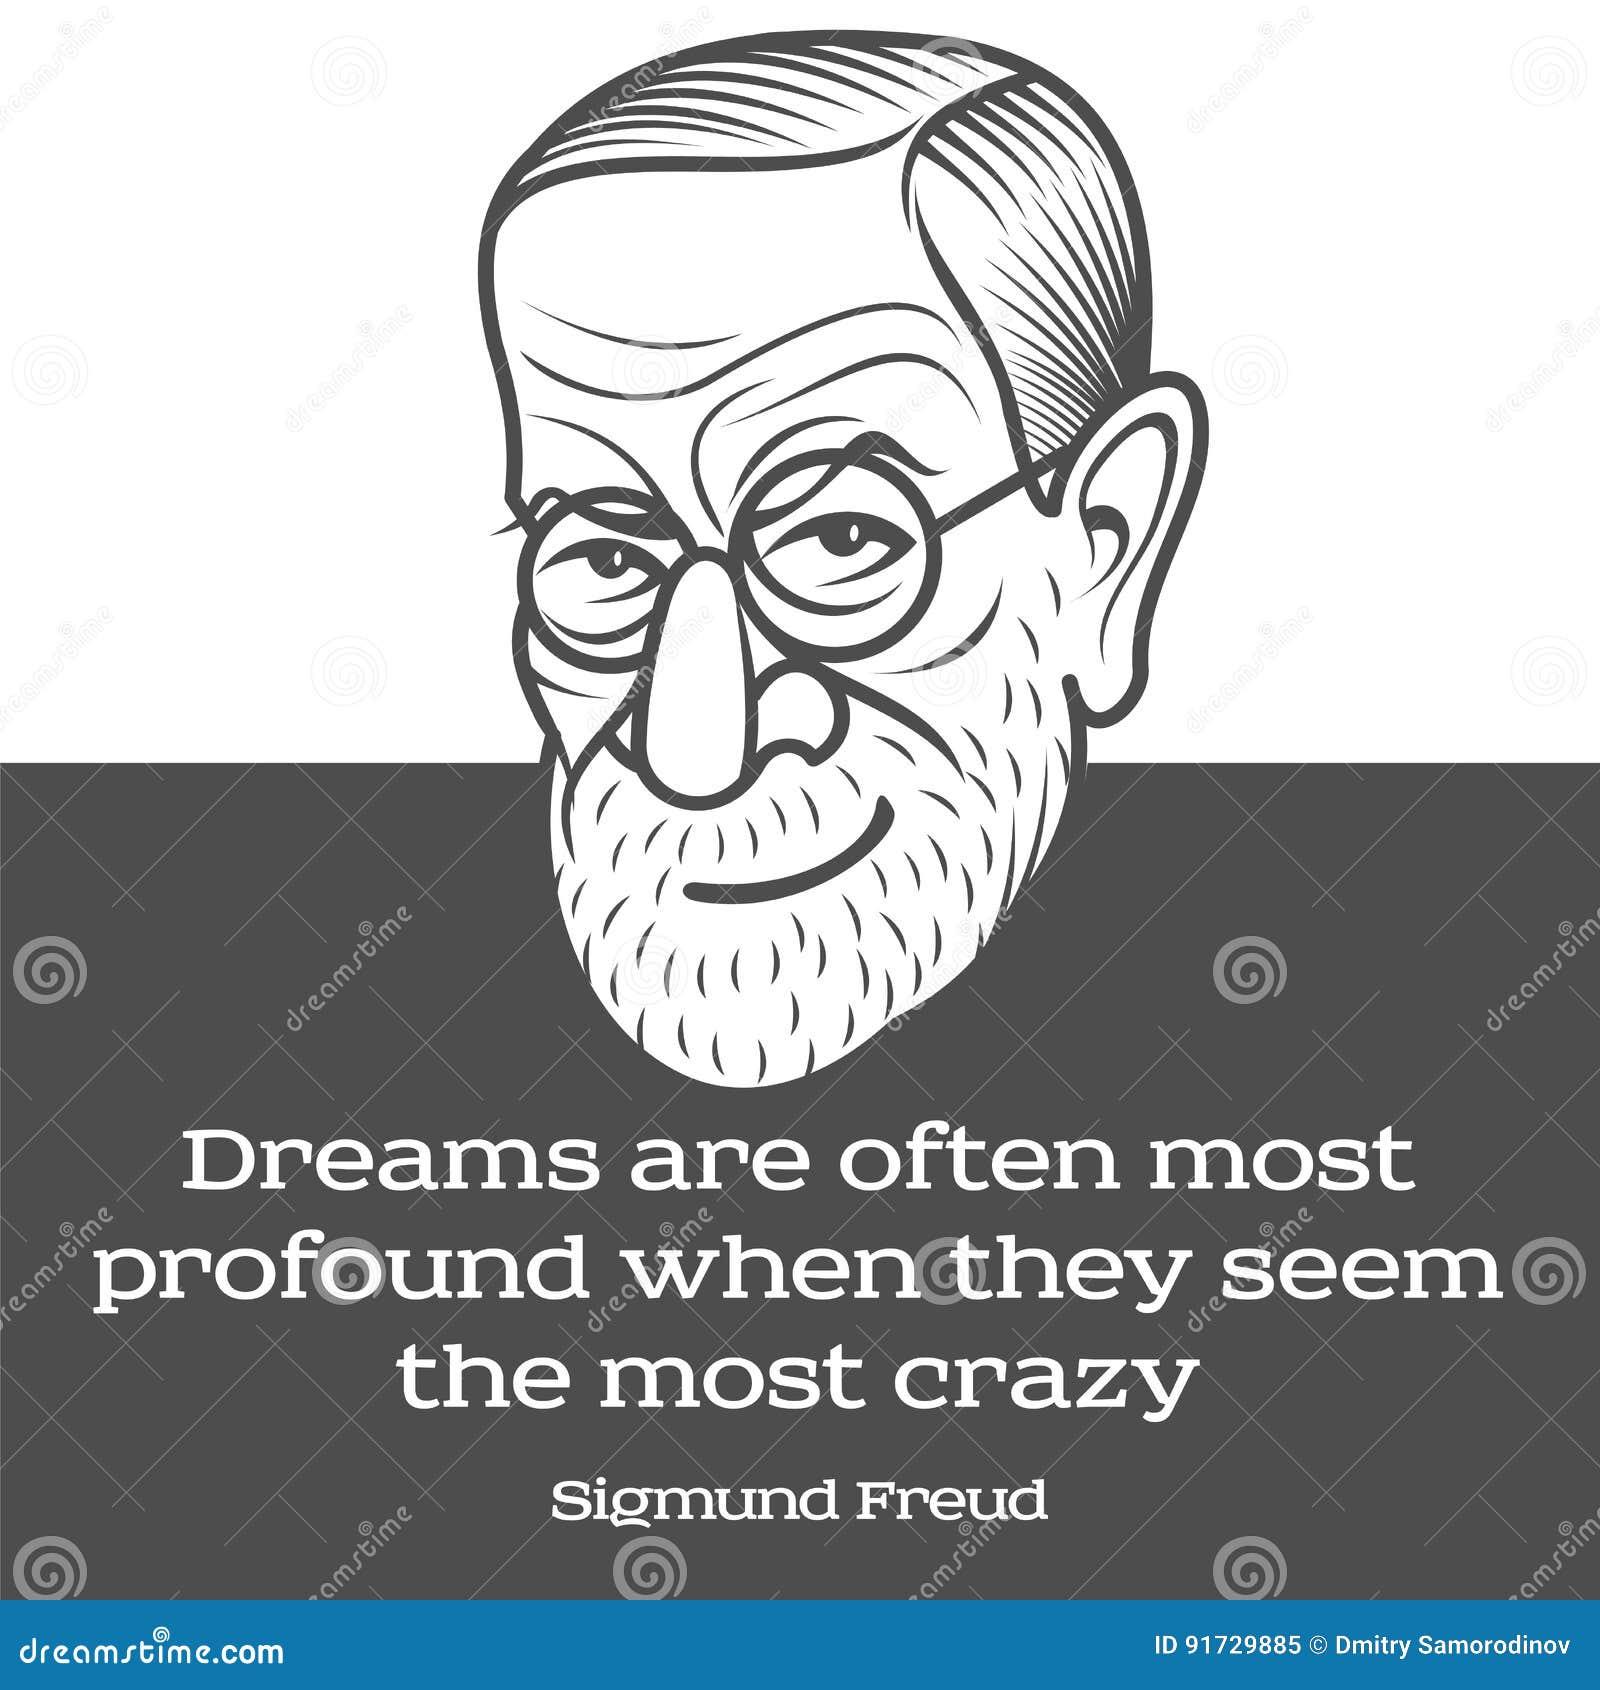 Πορτρέτο καρικατουρών κινούμενων σχεδίων Sigmund Freud